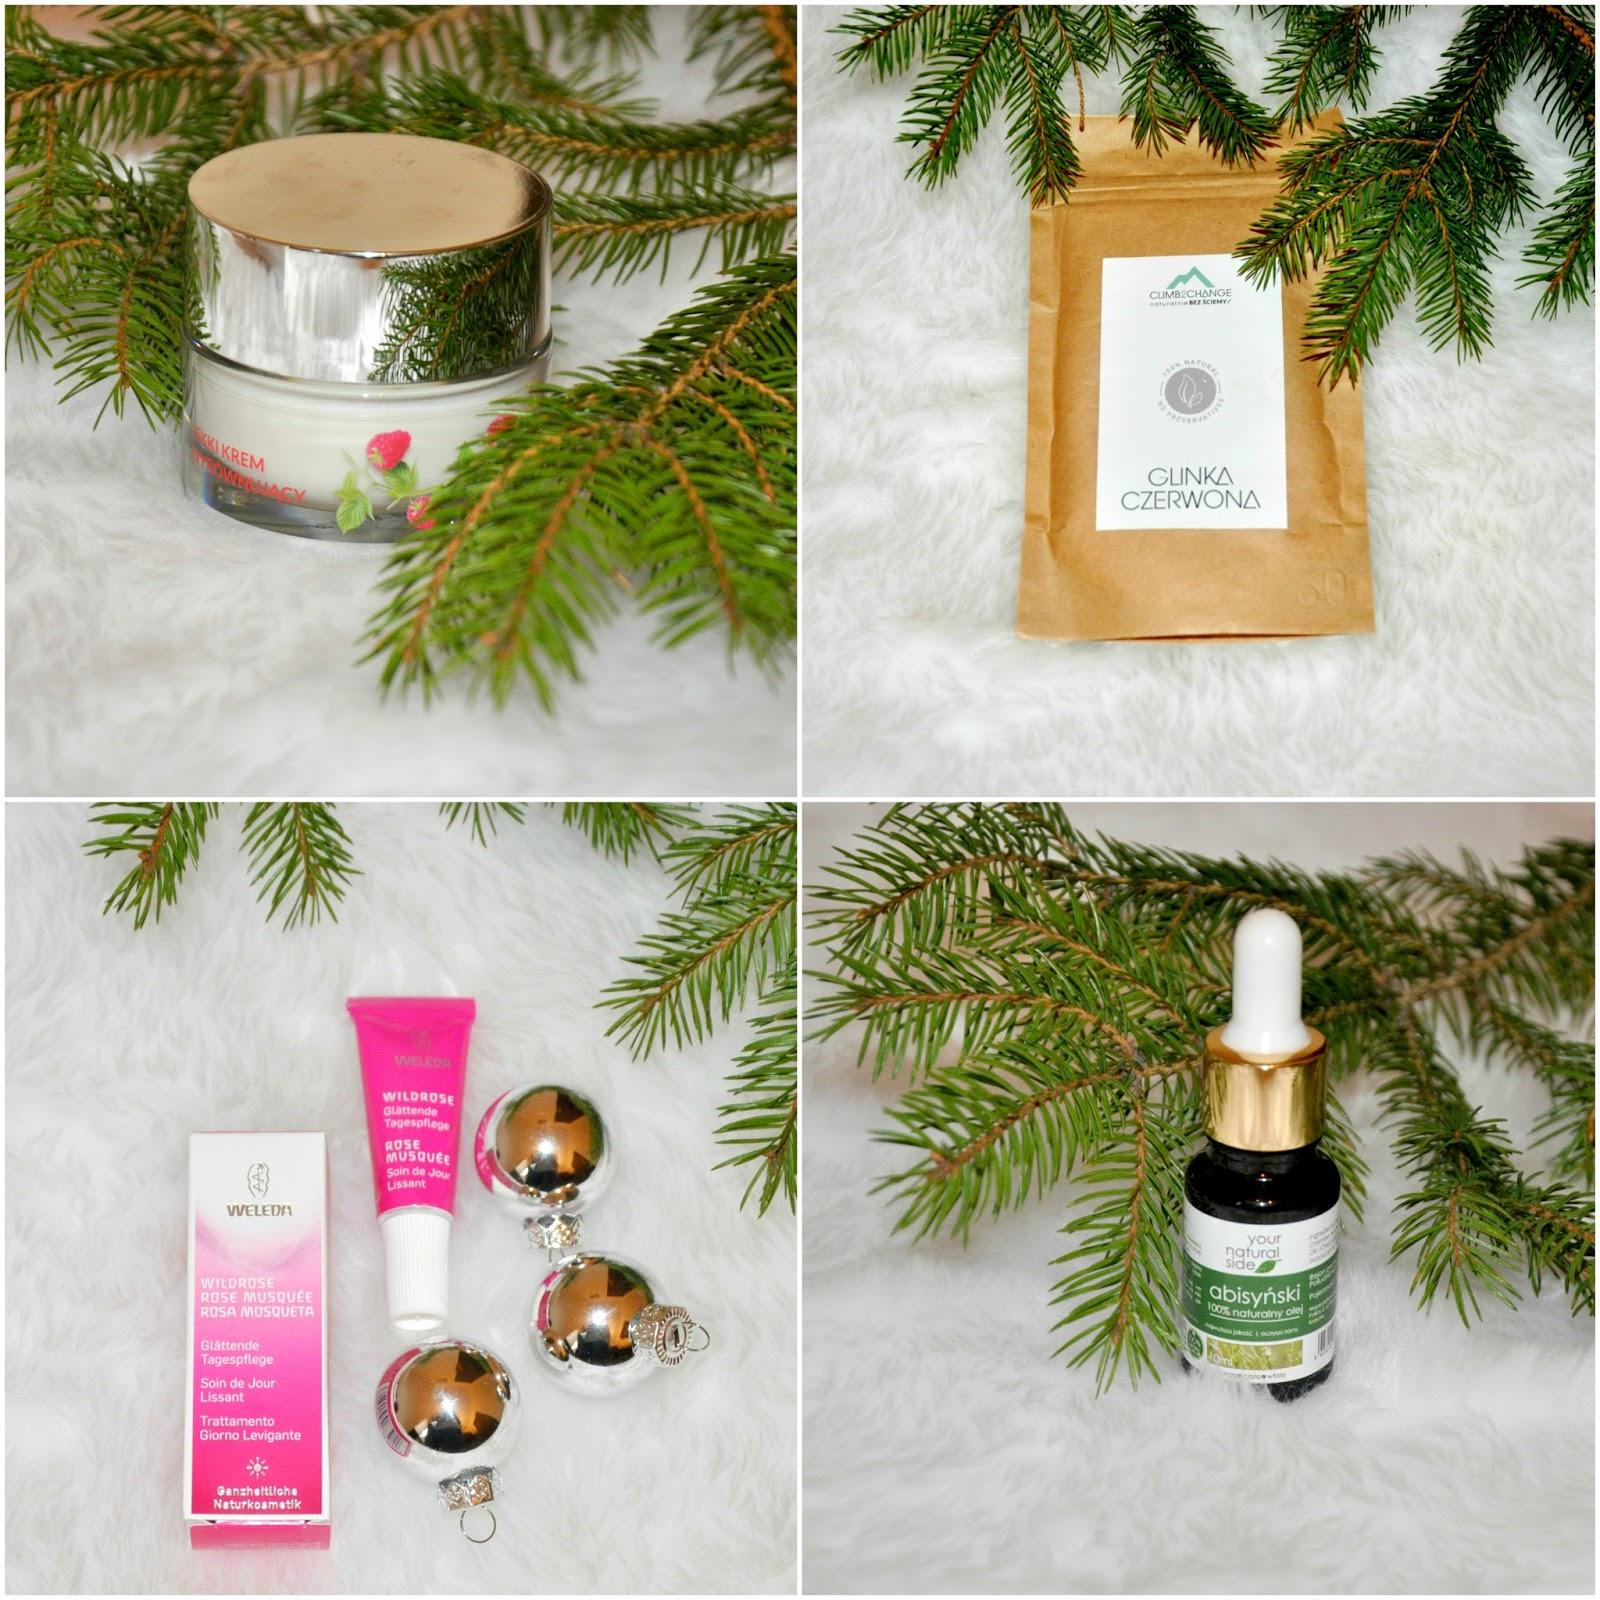 Naturalnie piękna InspiredBy - tak nazywa się edycja pudełek wypełnionych po brzegi kosmetykami, które bazują na naturalnych składnikach i to właśnie nim zawdzięczają właściwości pielęgnacyjne.